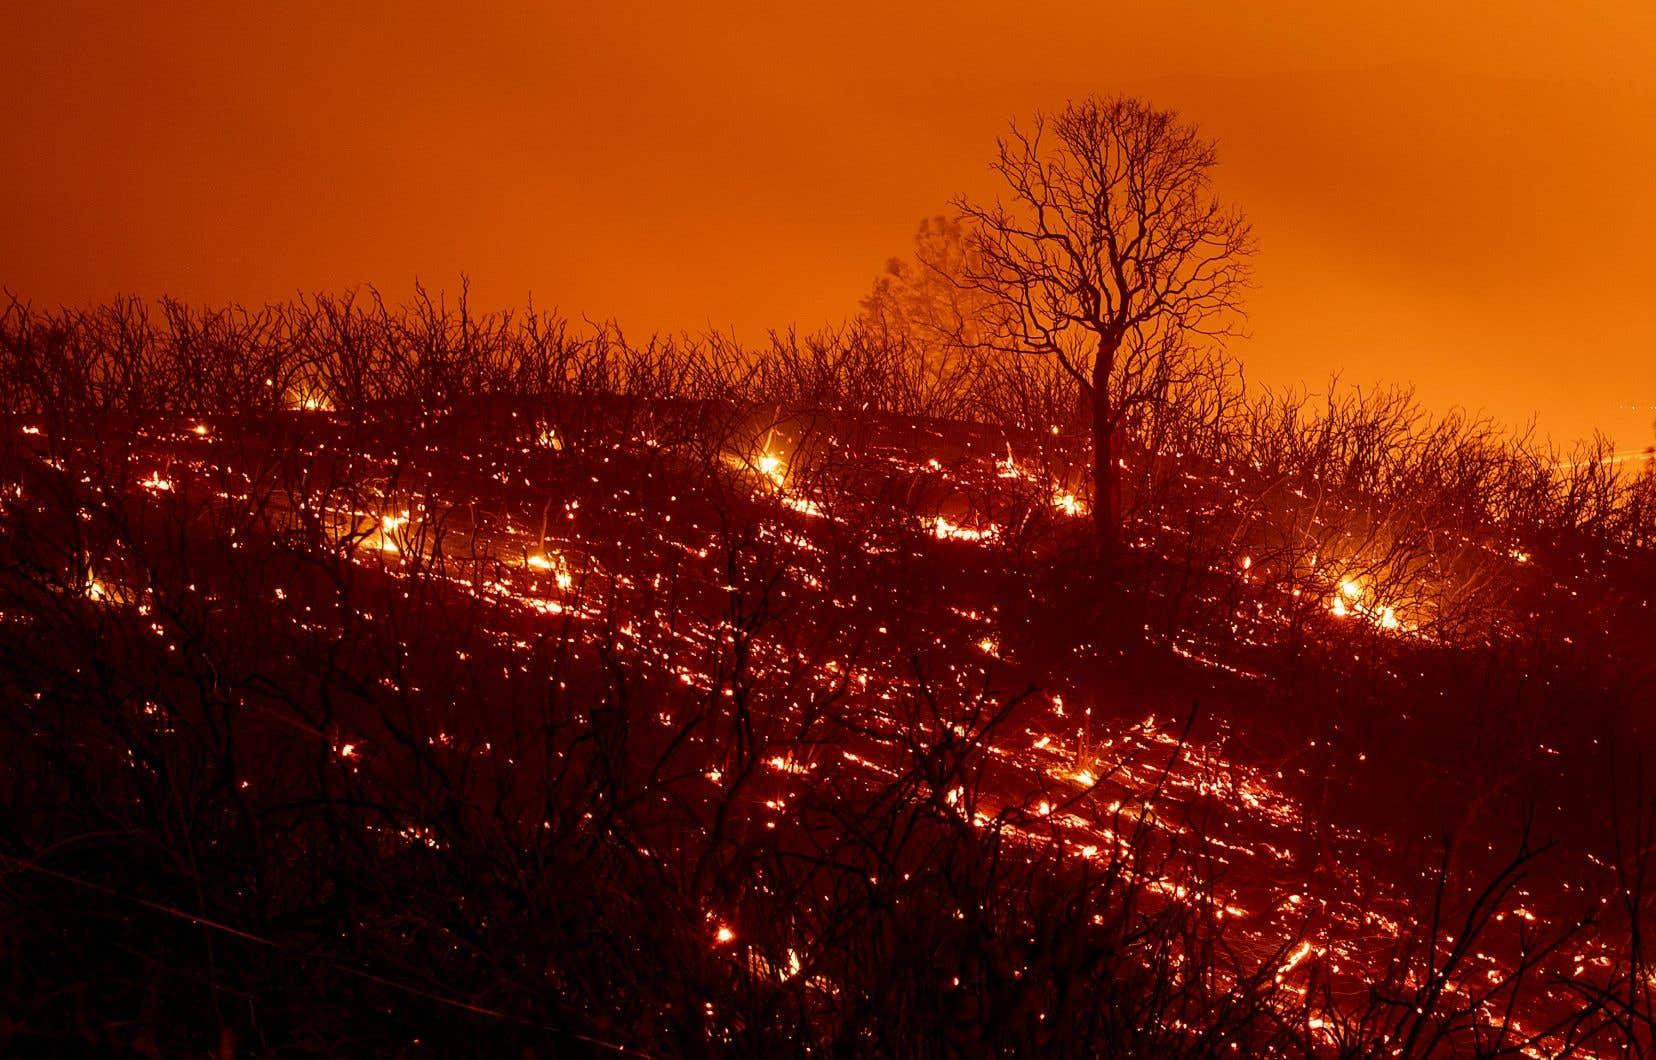 Bien que plus étendu, l'incendie du Mendocino Complex n'est pas aussi destructeur que l'incendie «Carr», qui sévit dans le nord de la Californie.